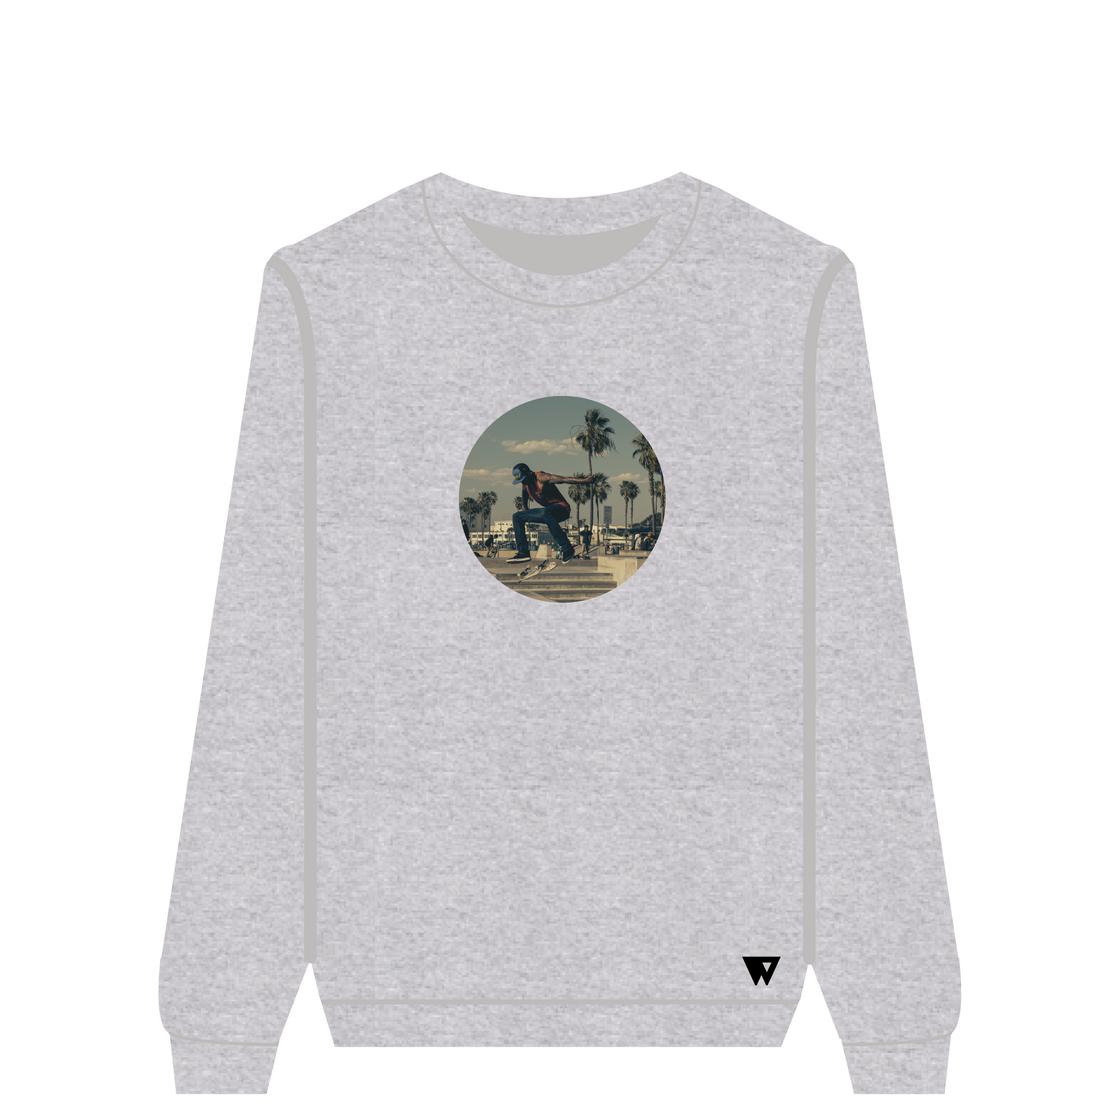 Sweatshirt Skate | Wuzzee